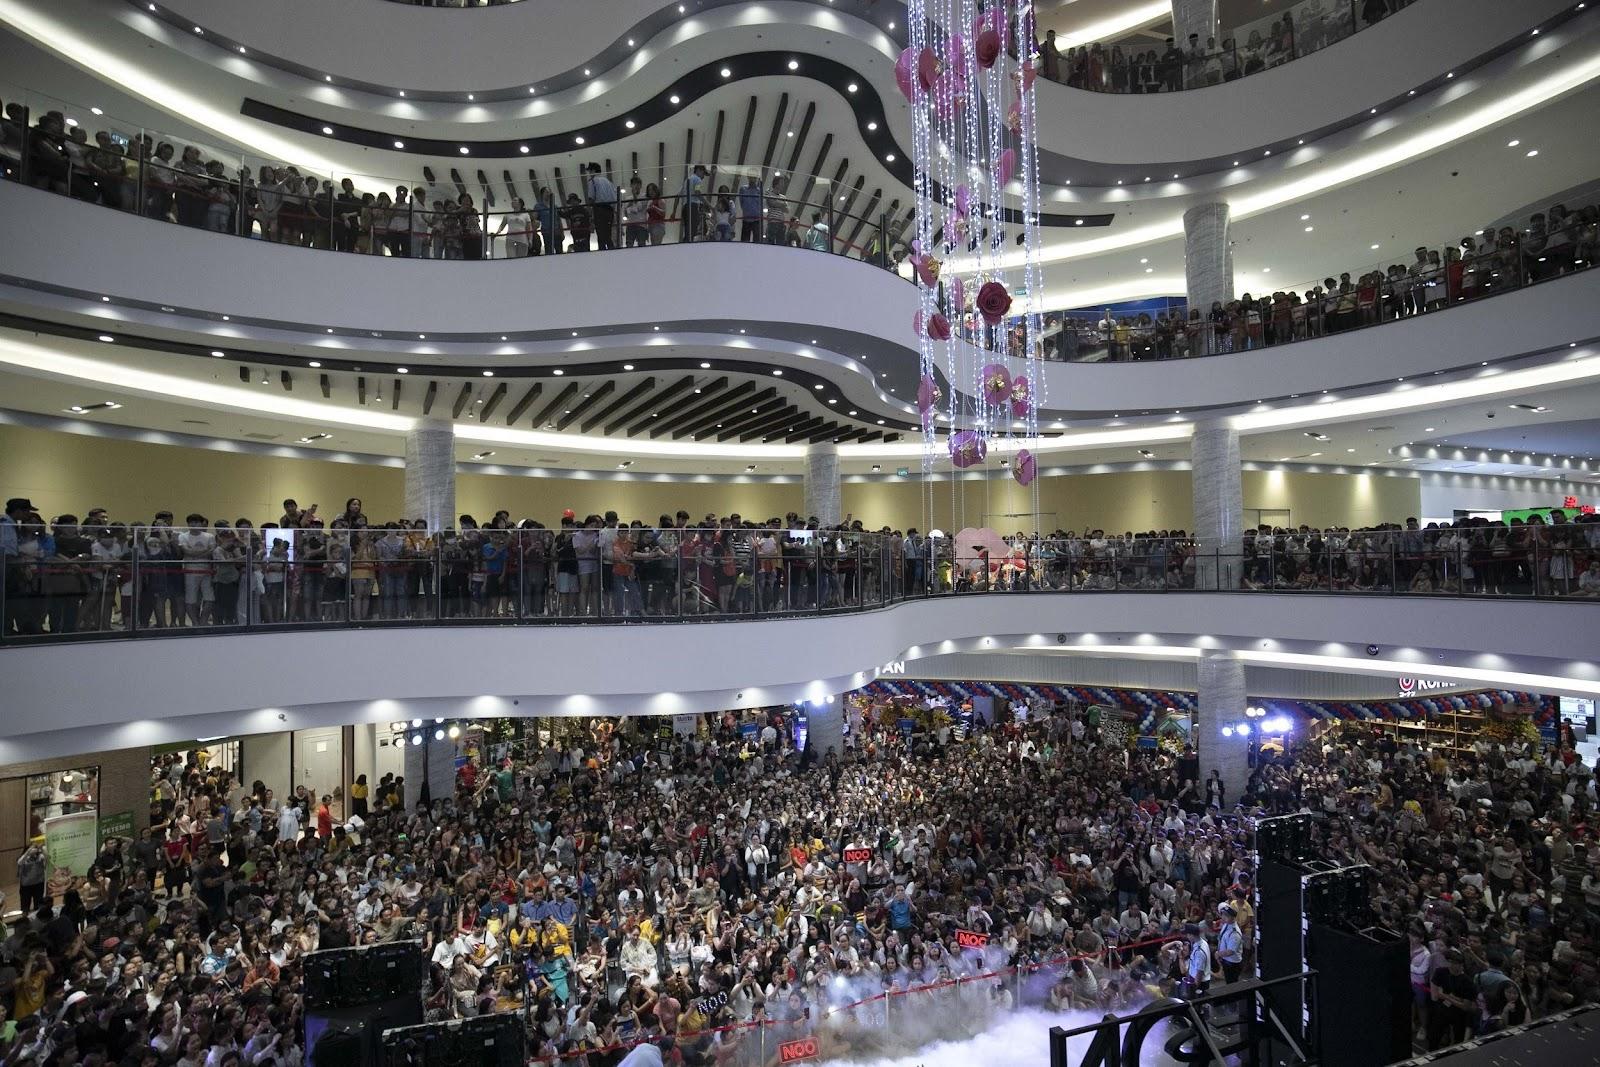 Ngày 25/4 vừa qua, AEON MALL Tân Phú Celadon đã tổ chức buổi khánh thành khu vực mới và nhận được sự quan tâm của đông đảo khách hàng.